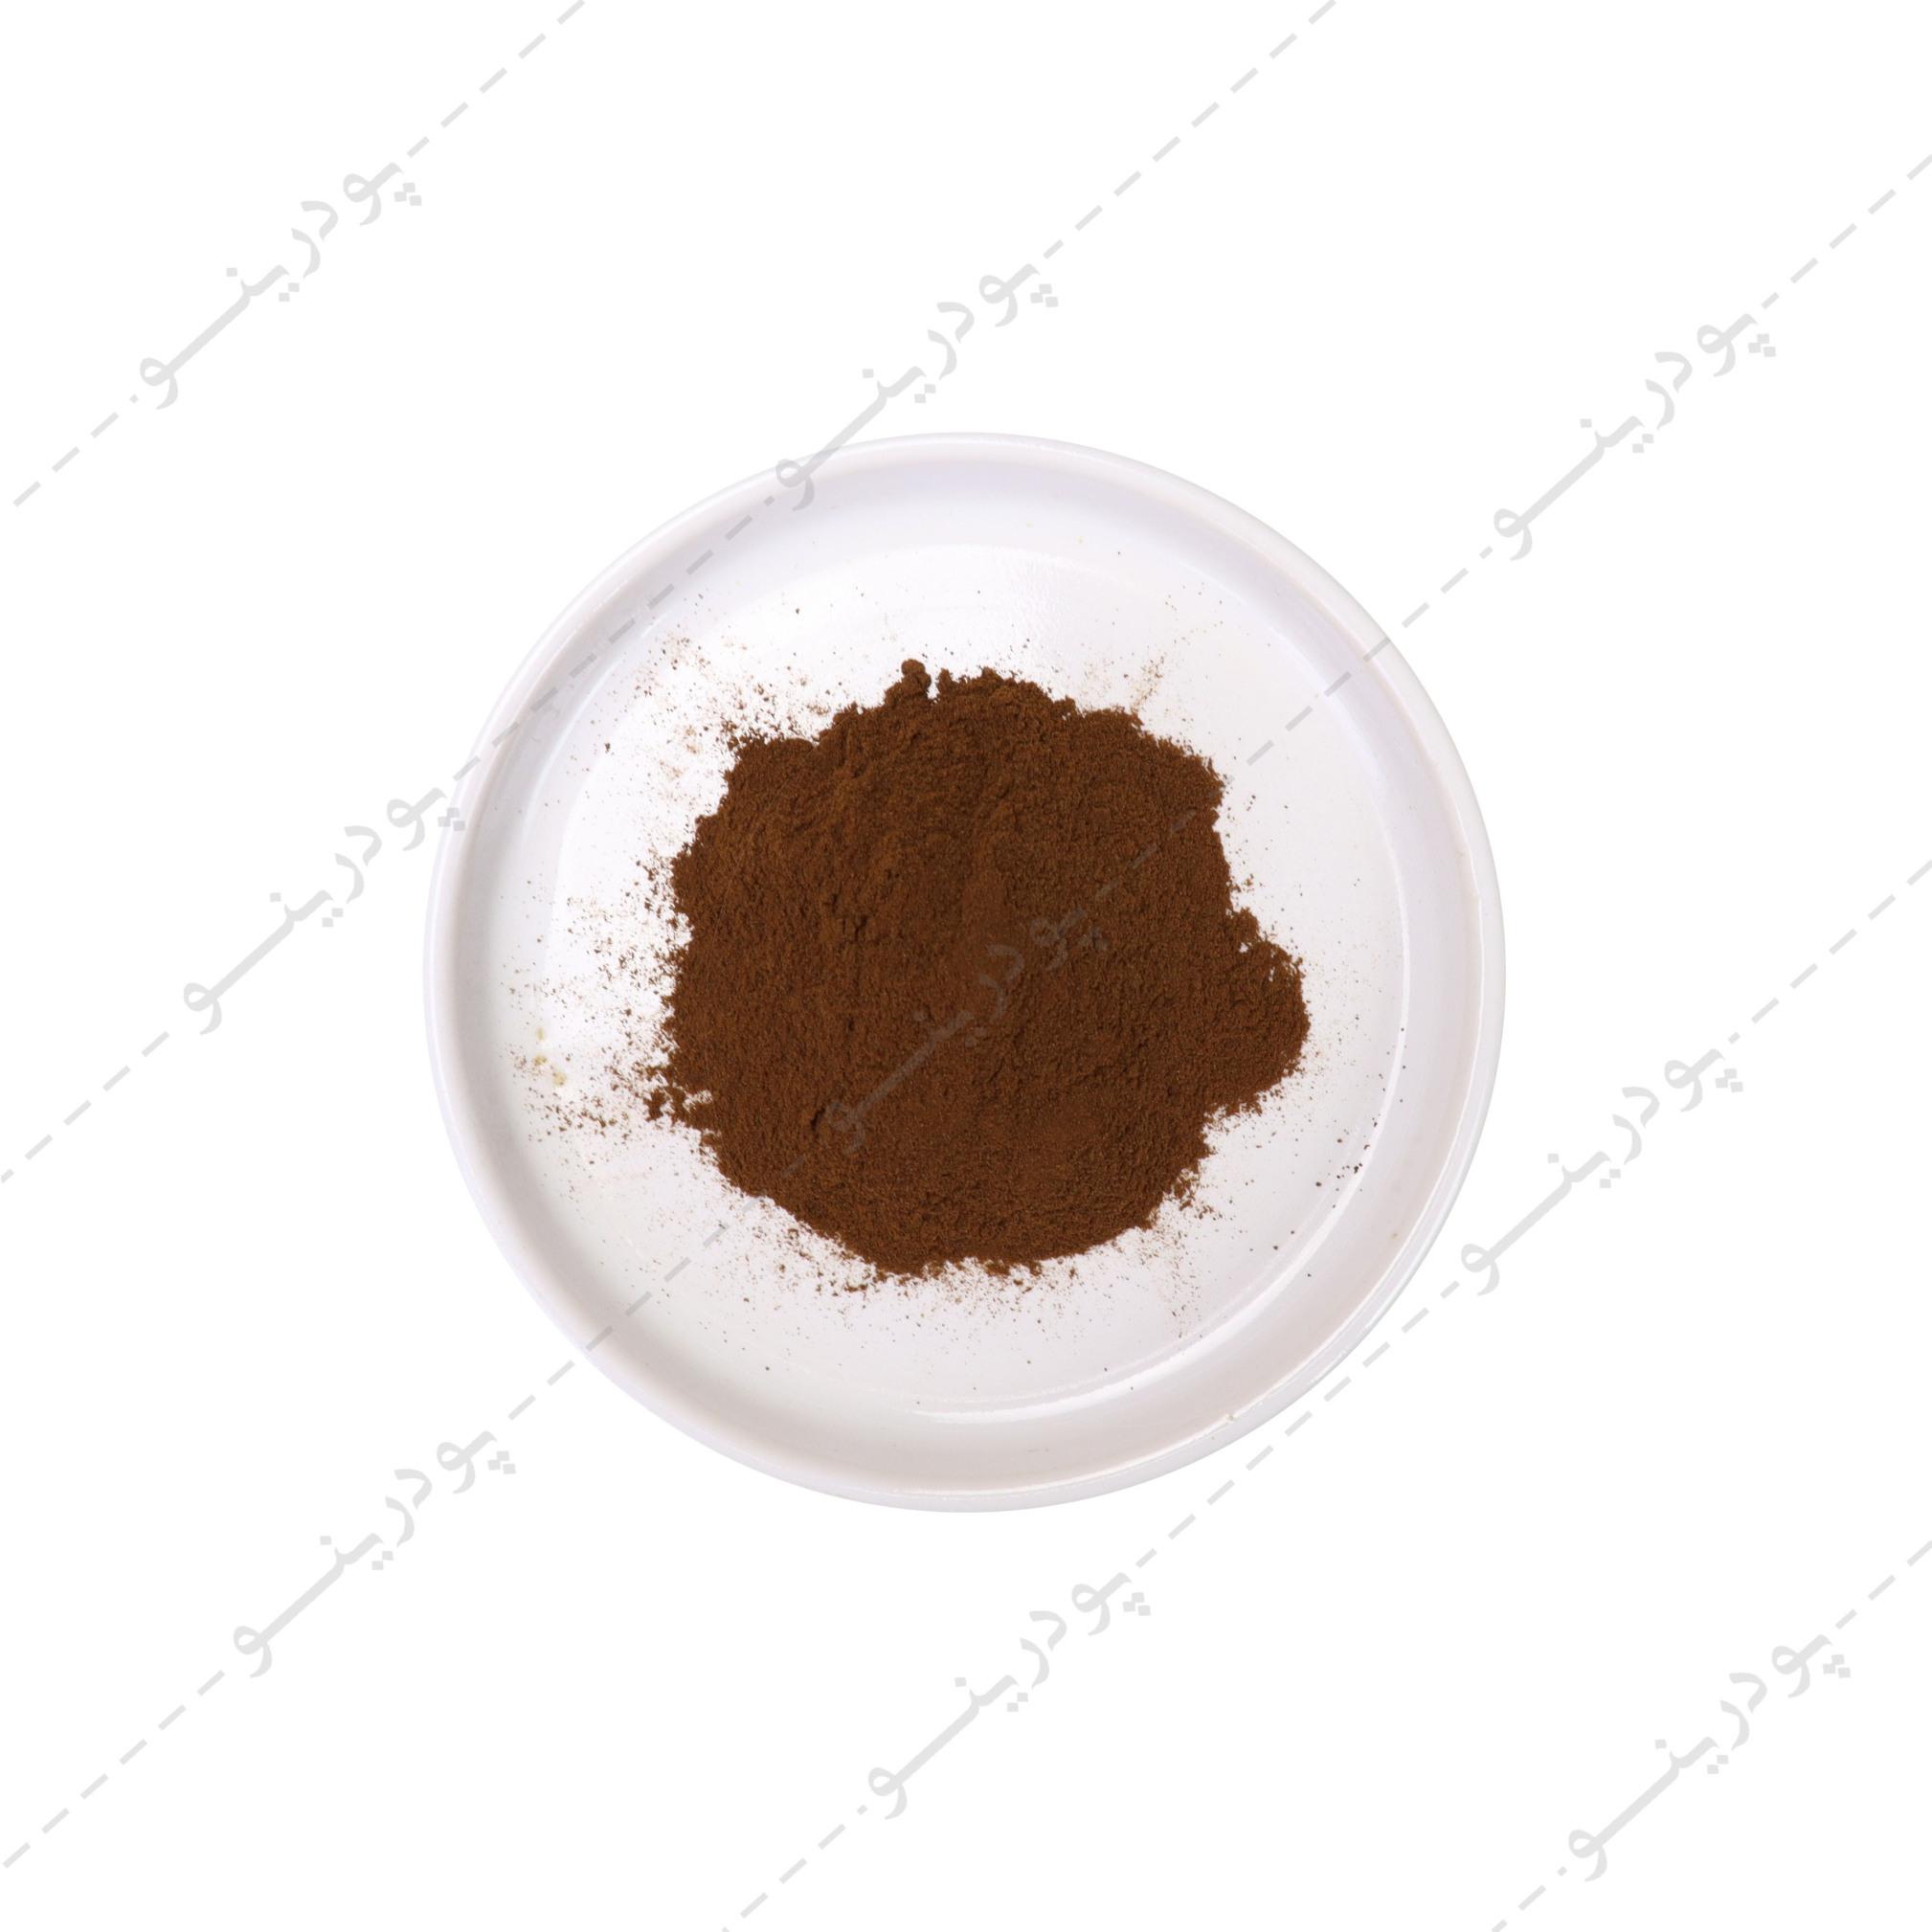 پودر چای سیاه فوری